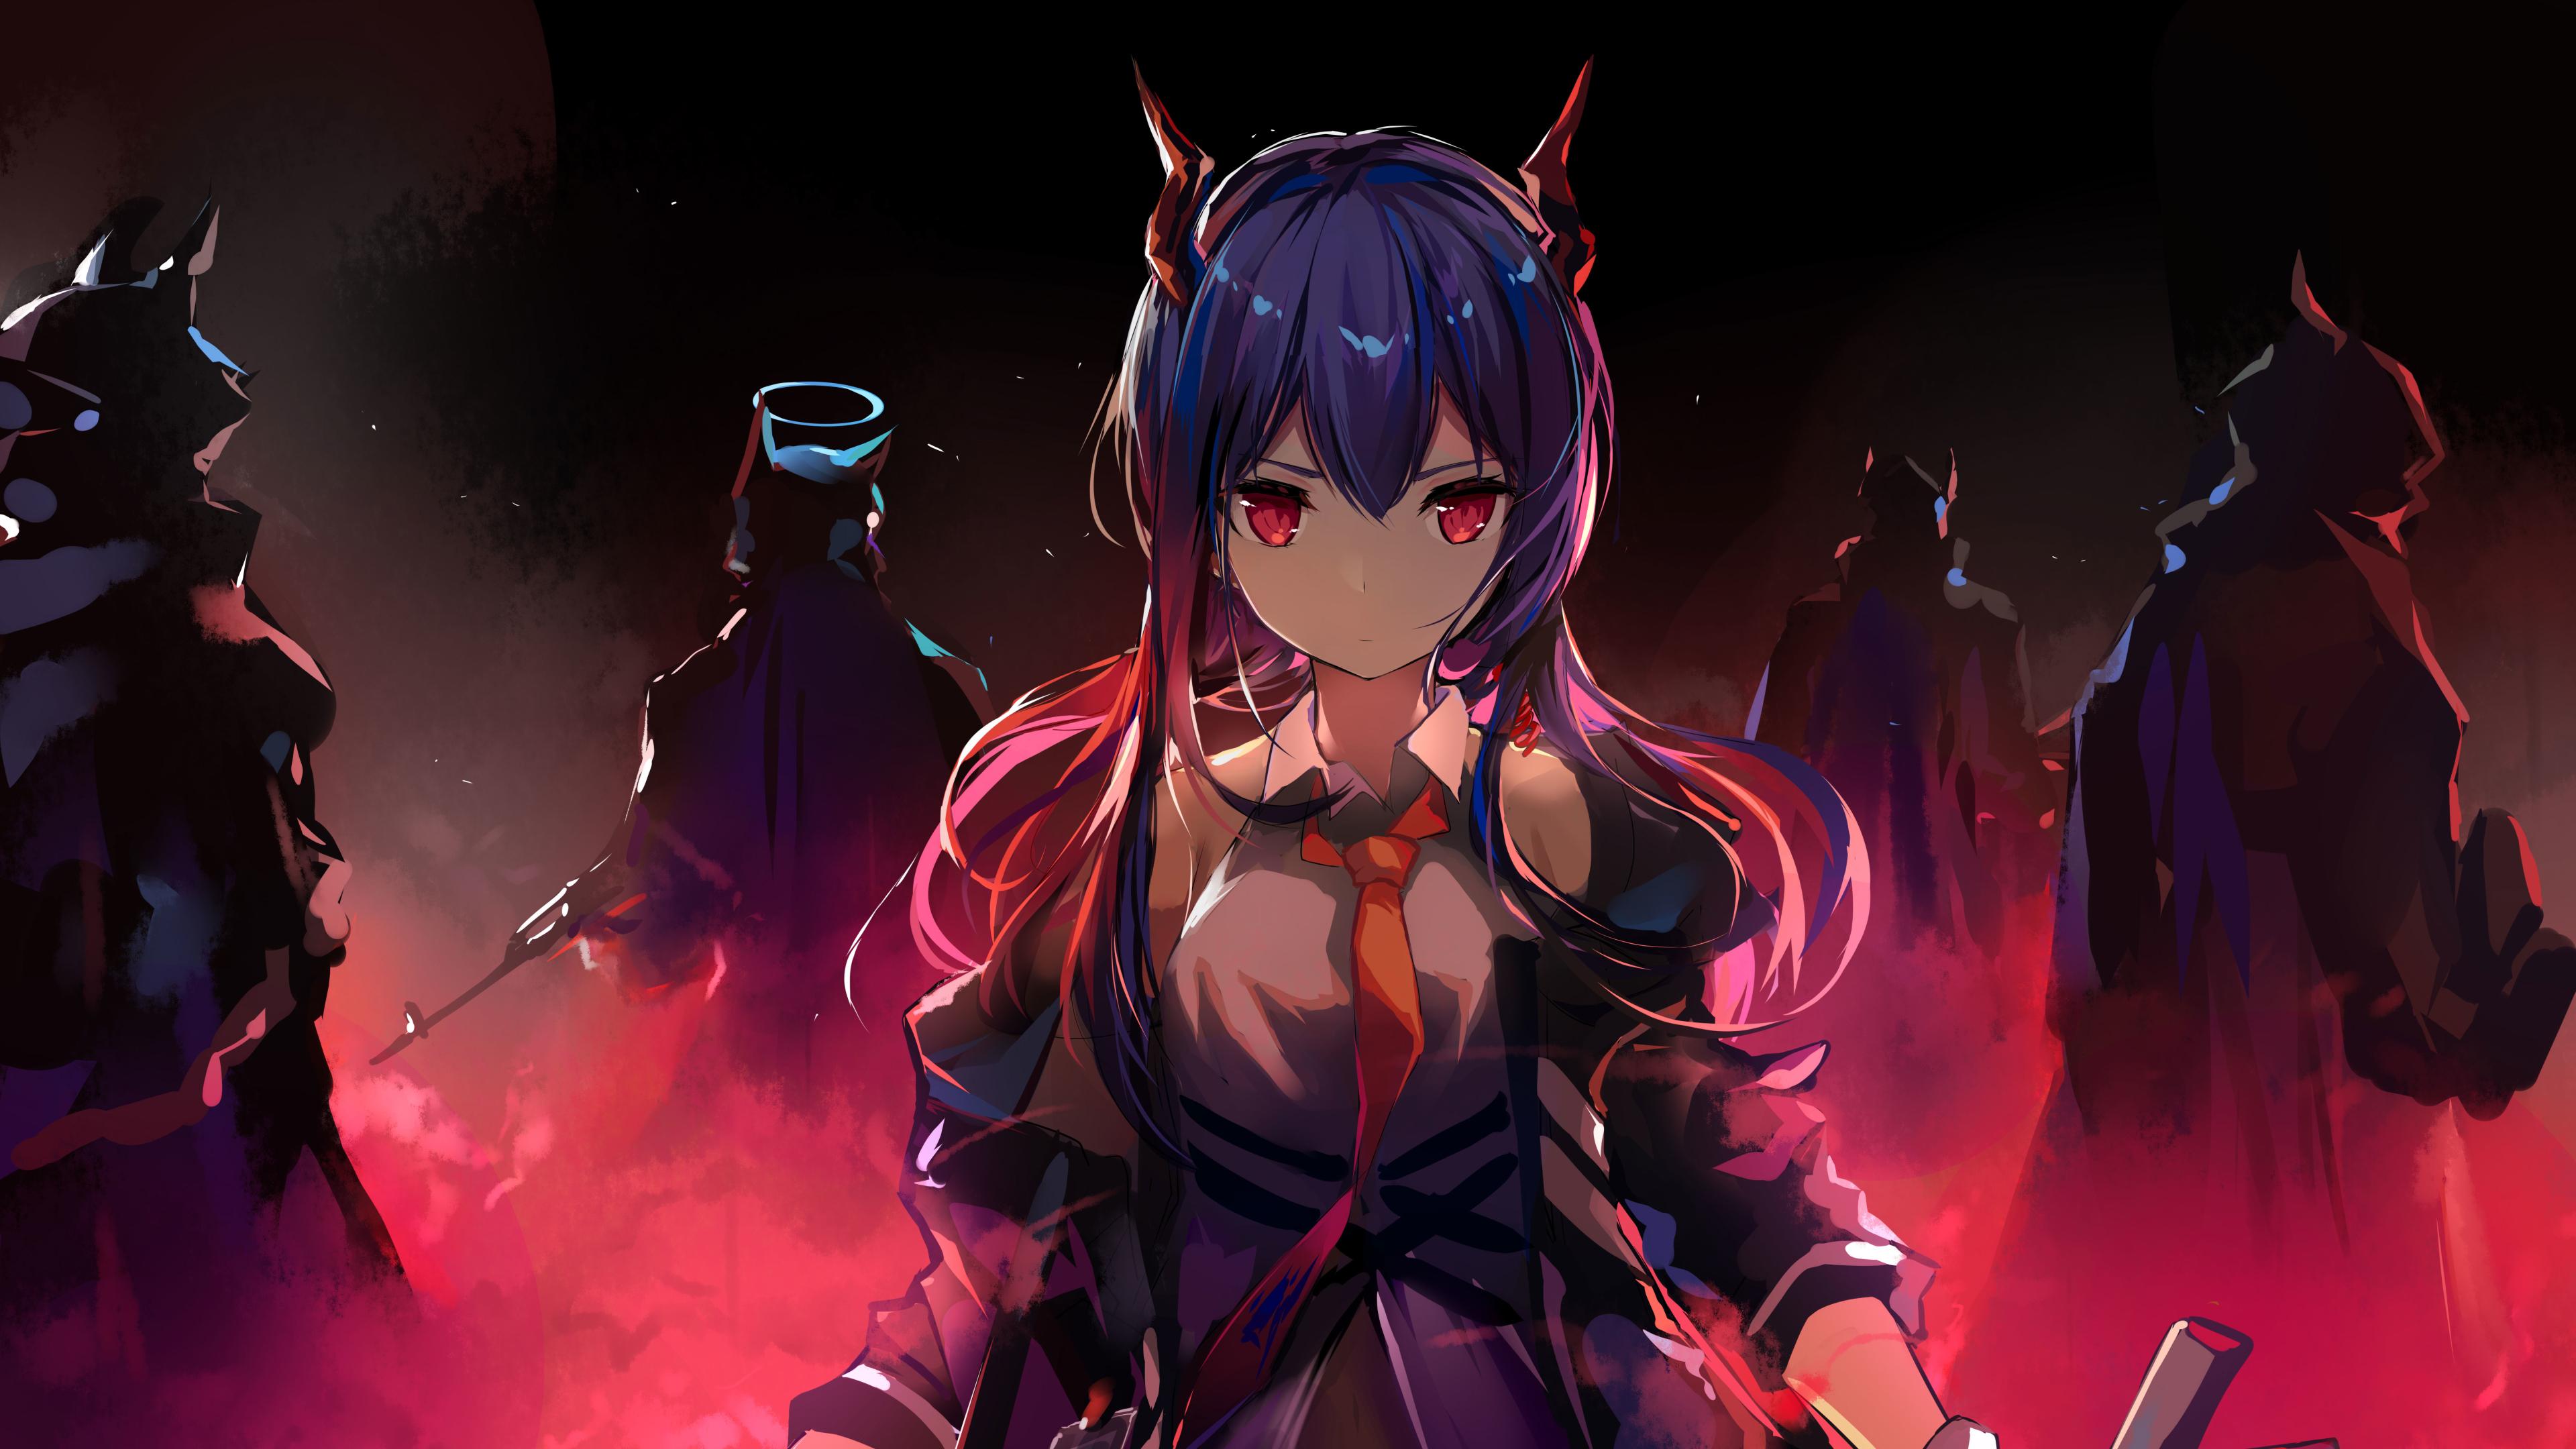 3840x2160 Ch'en Cool Arknights 8K 4K Wallpaper, HD Anime ...